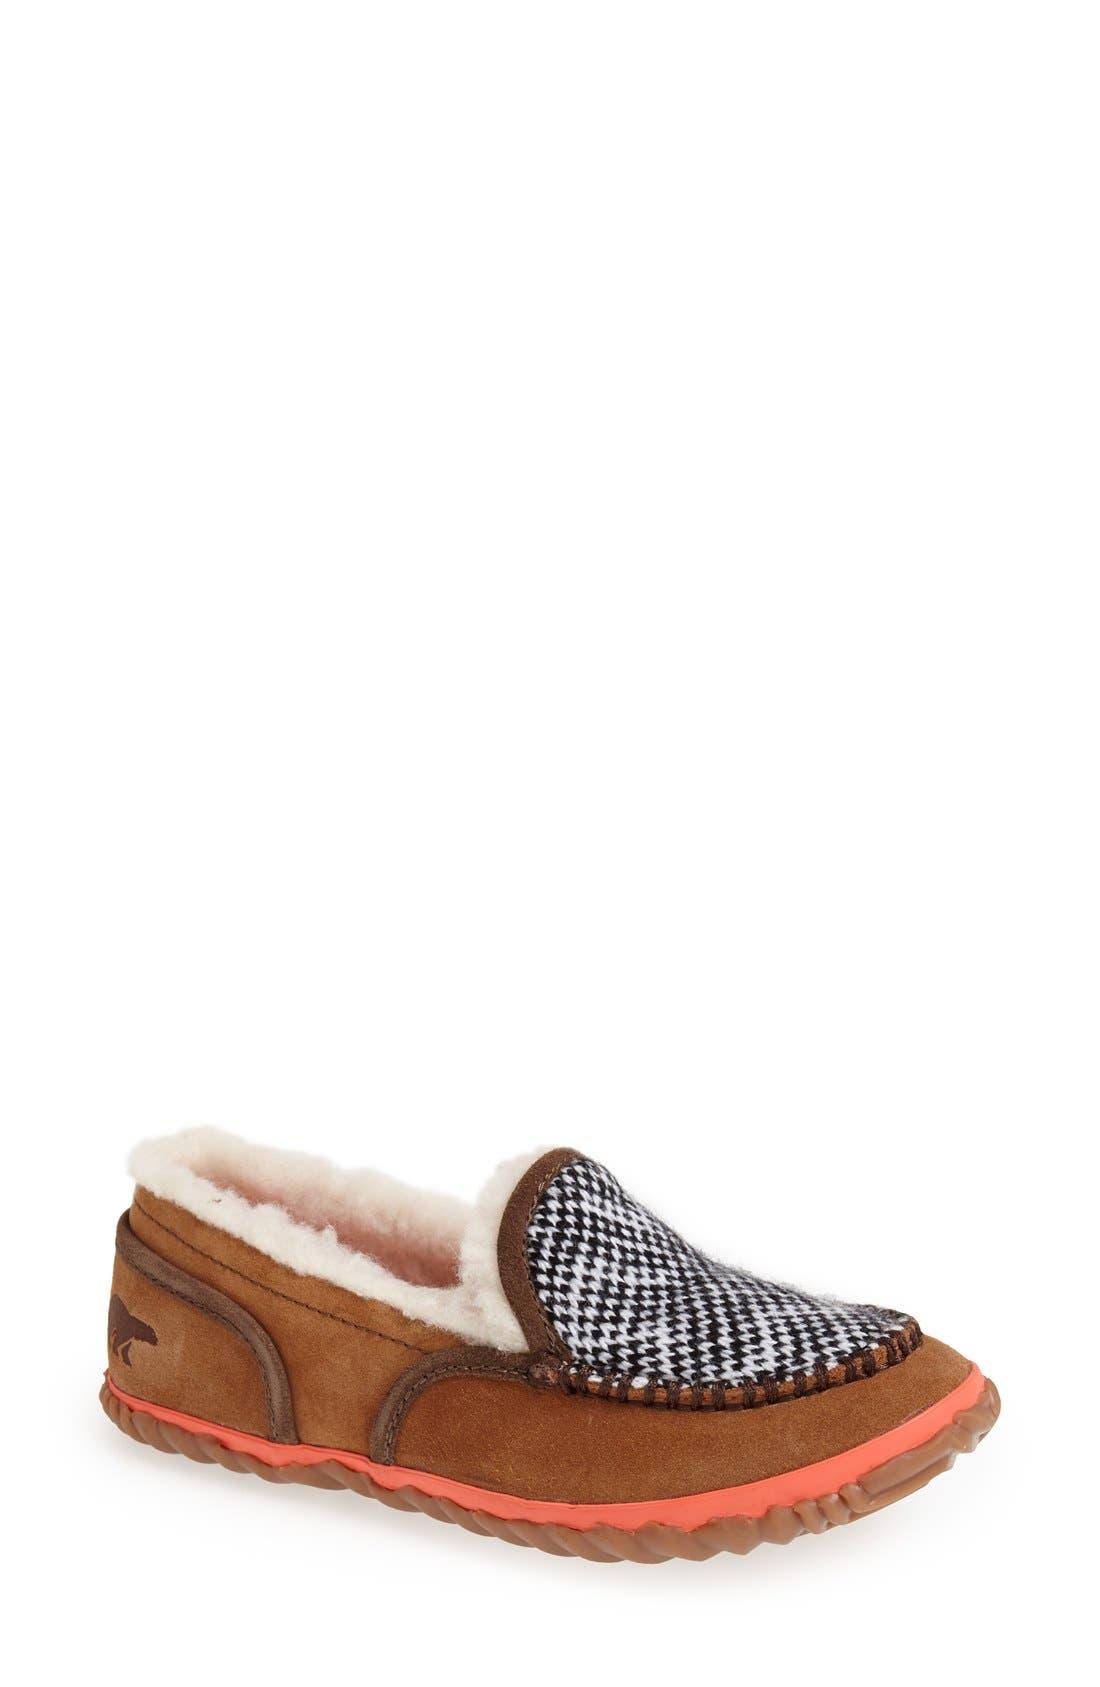 SOREL 'Tremblant Blanket' Slipper, Main, color, 240